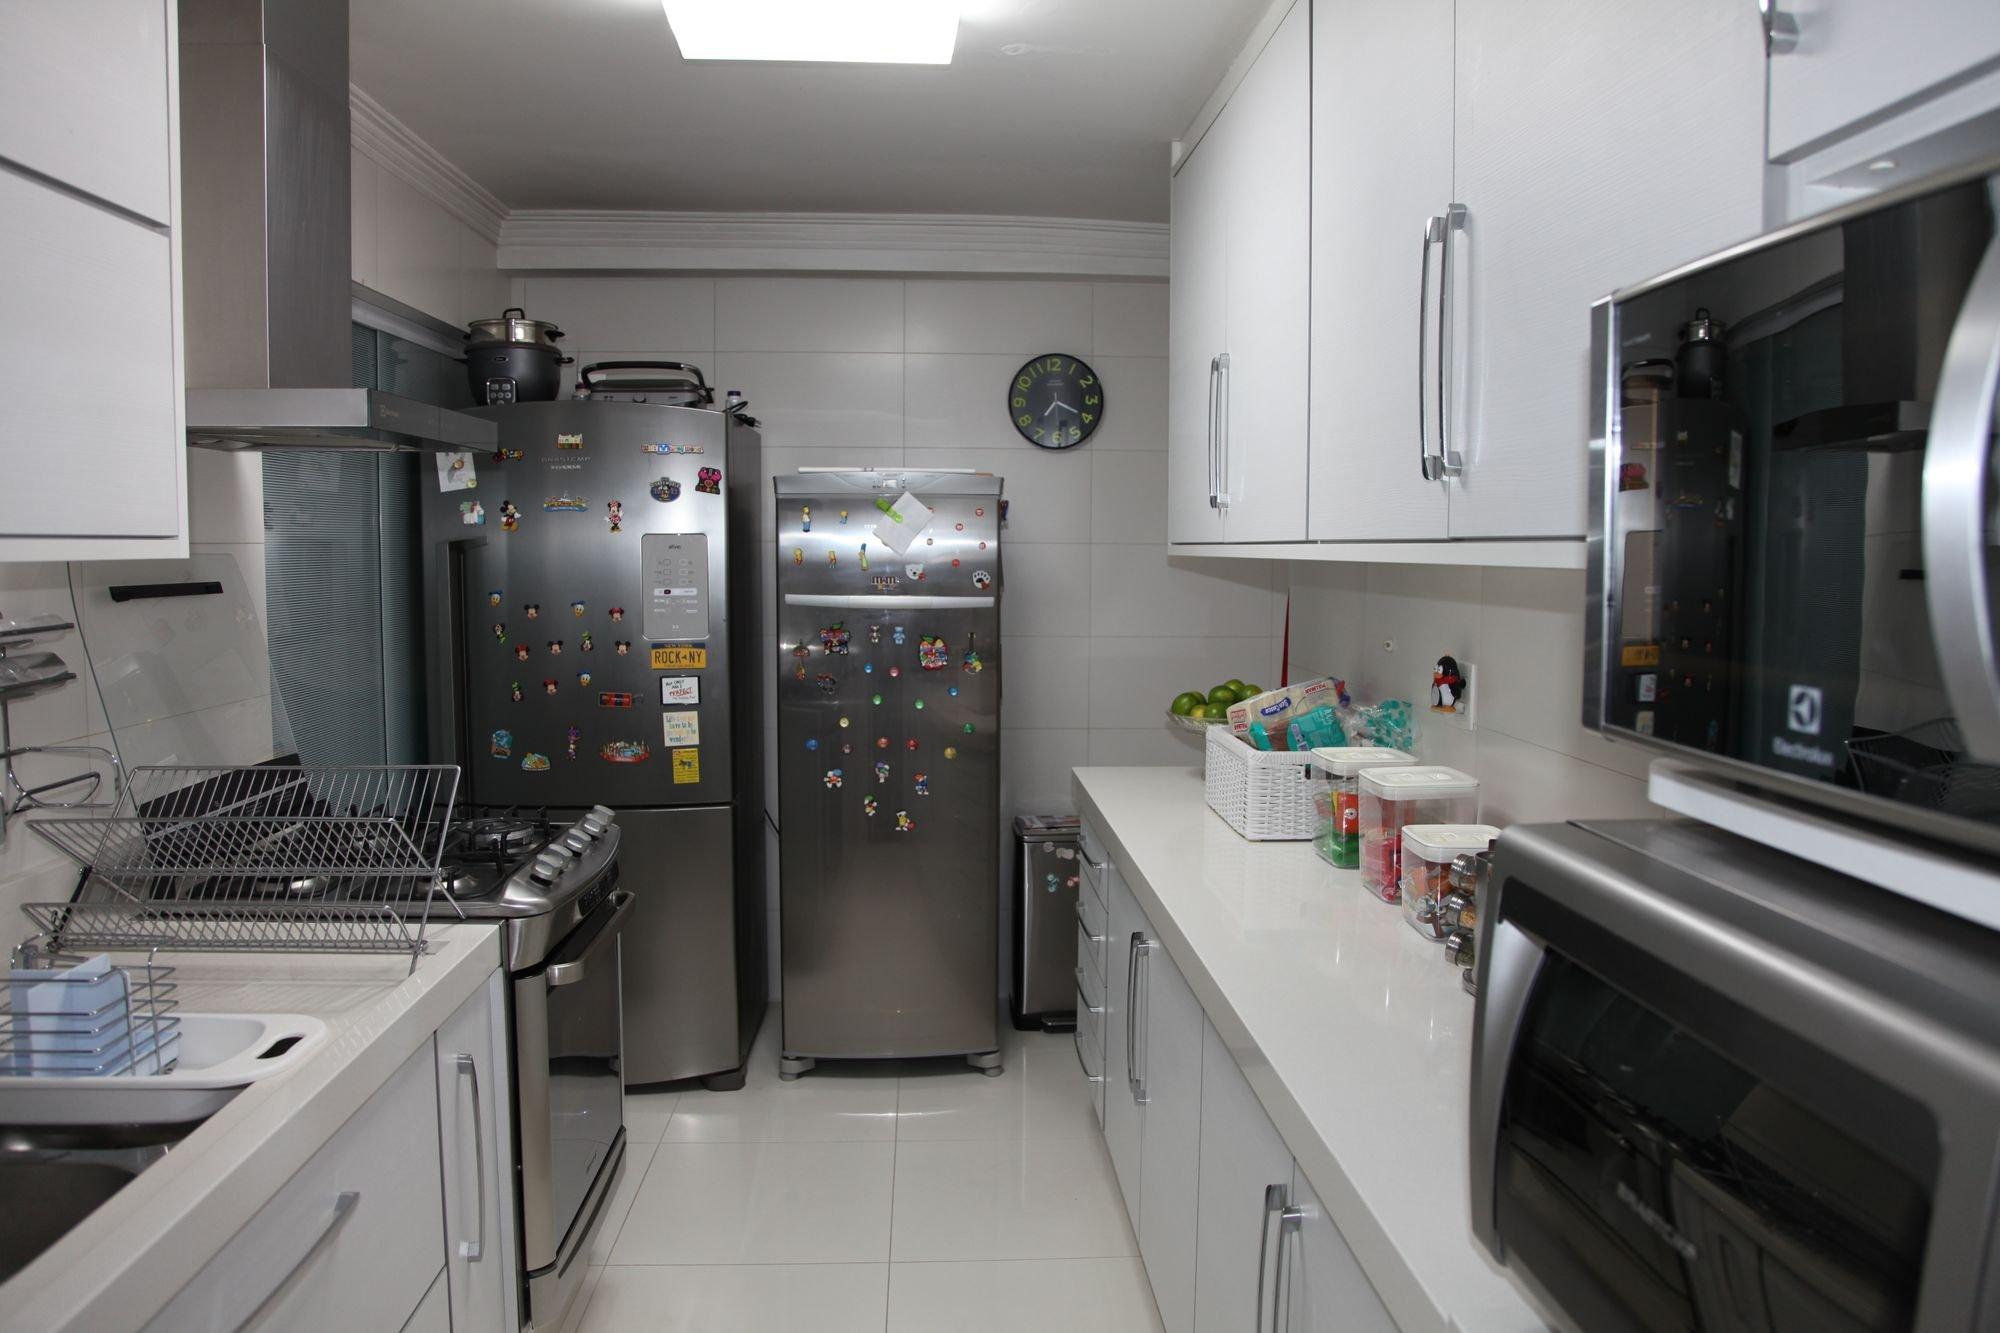 Foto de Cozinha com relógio, forno, geladeira, microondas, xícara